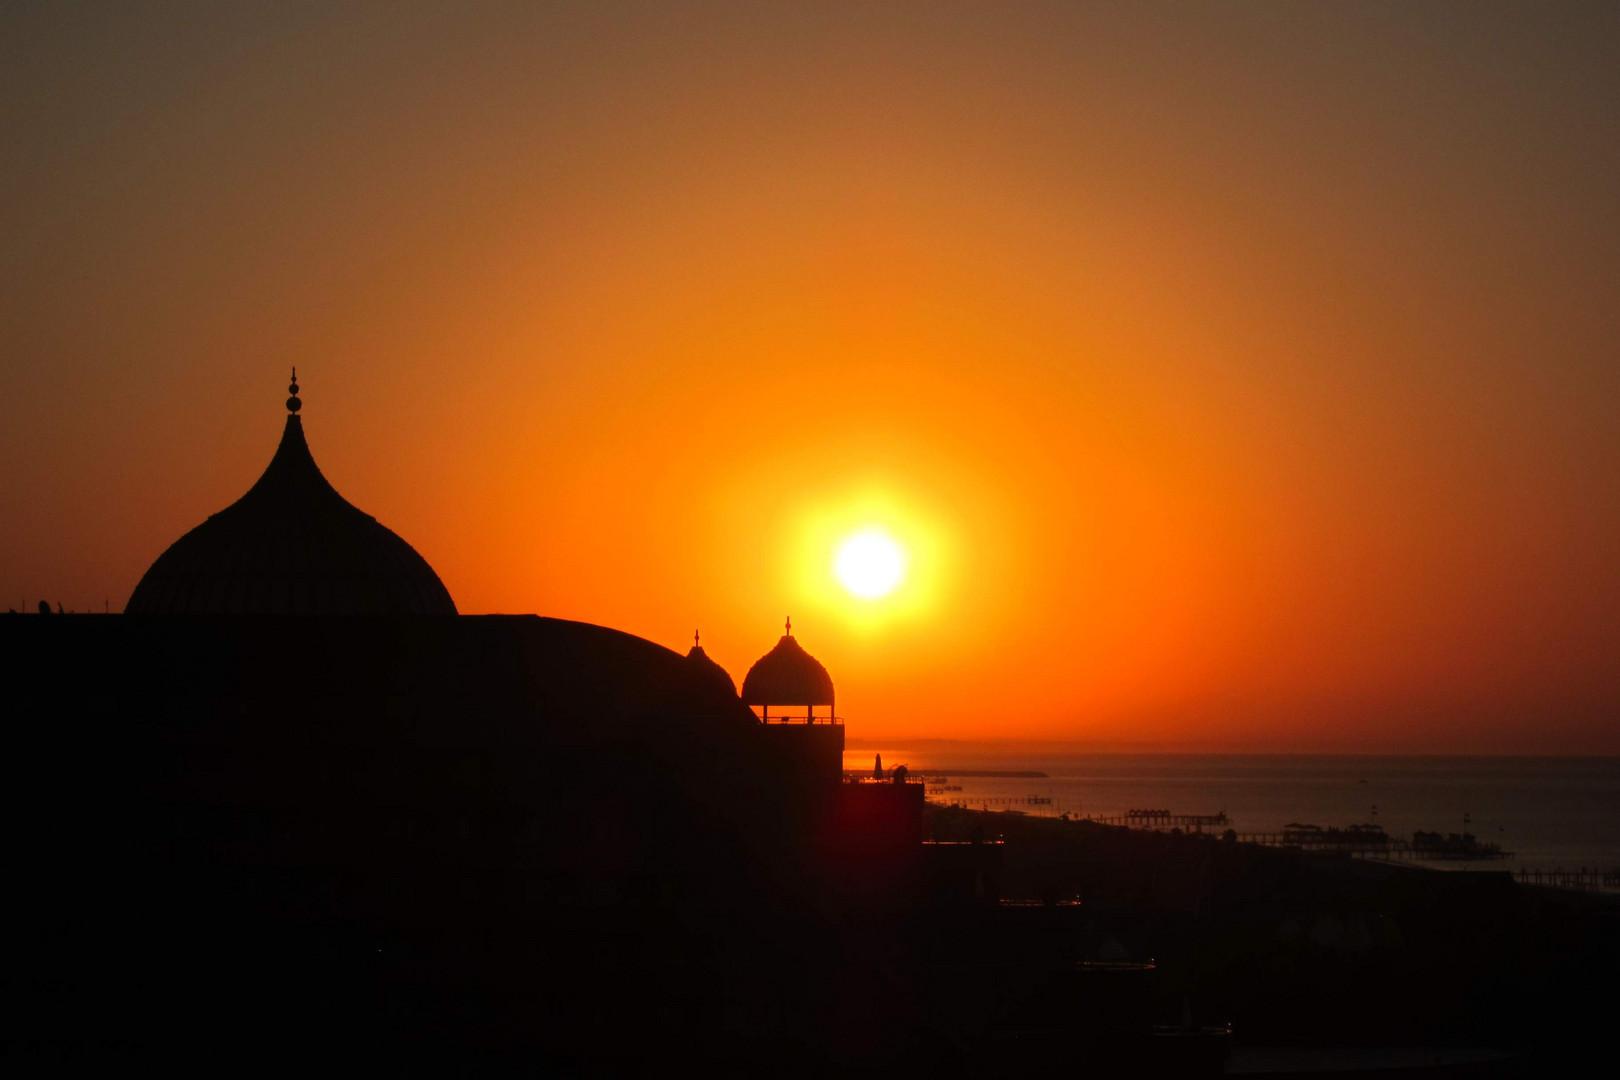 Sonnenaufgang mit dem Blick vom Delphin Imperial auf das Palace